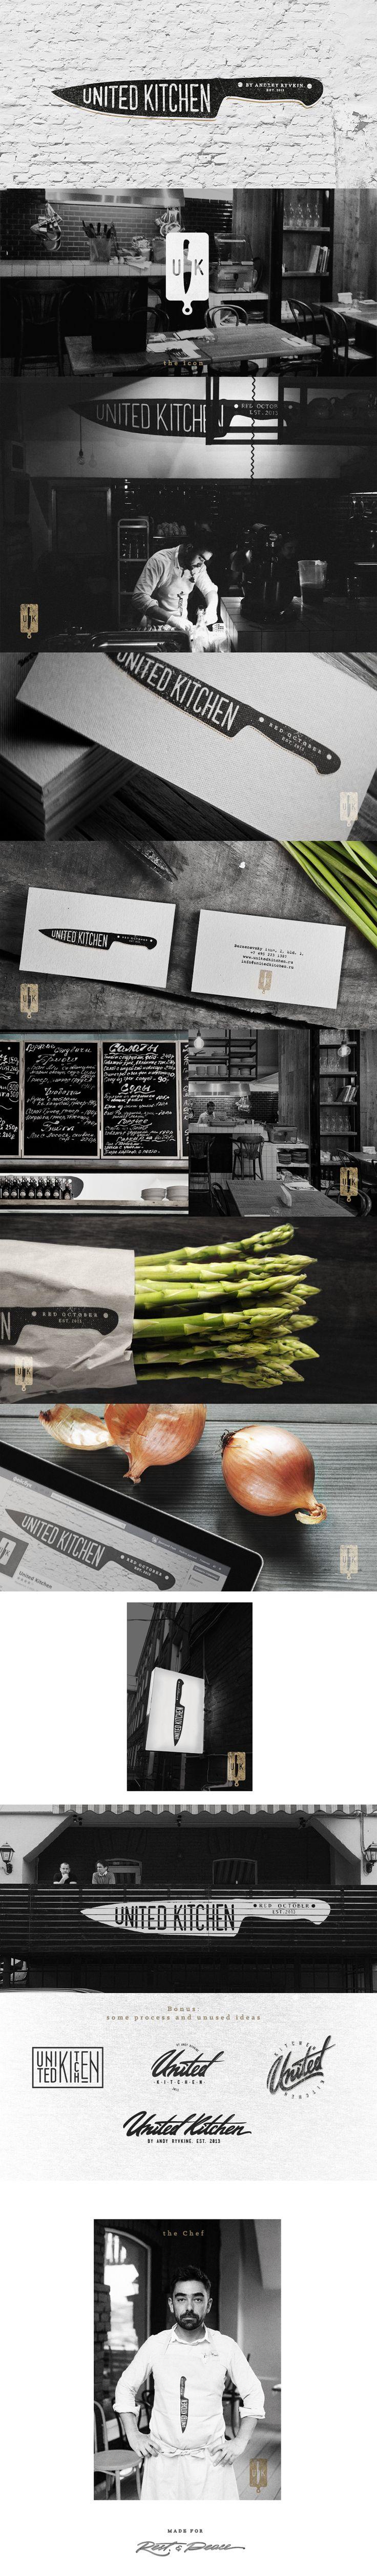 United Kitchen, Identity © DmitryGerais